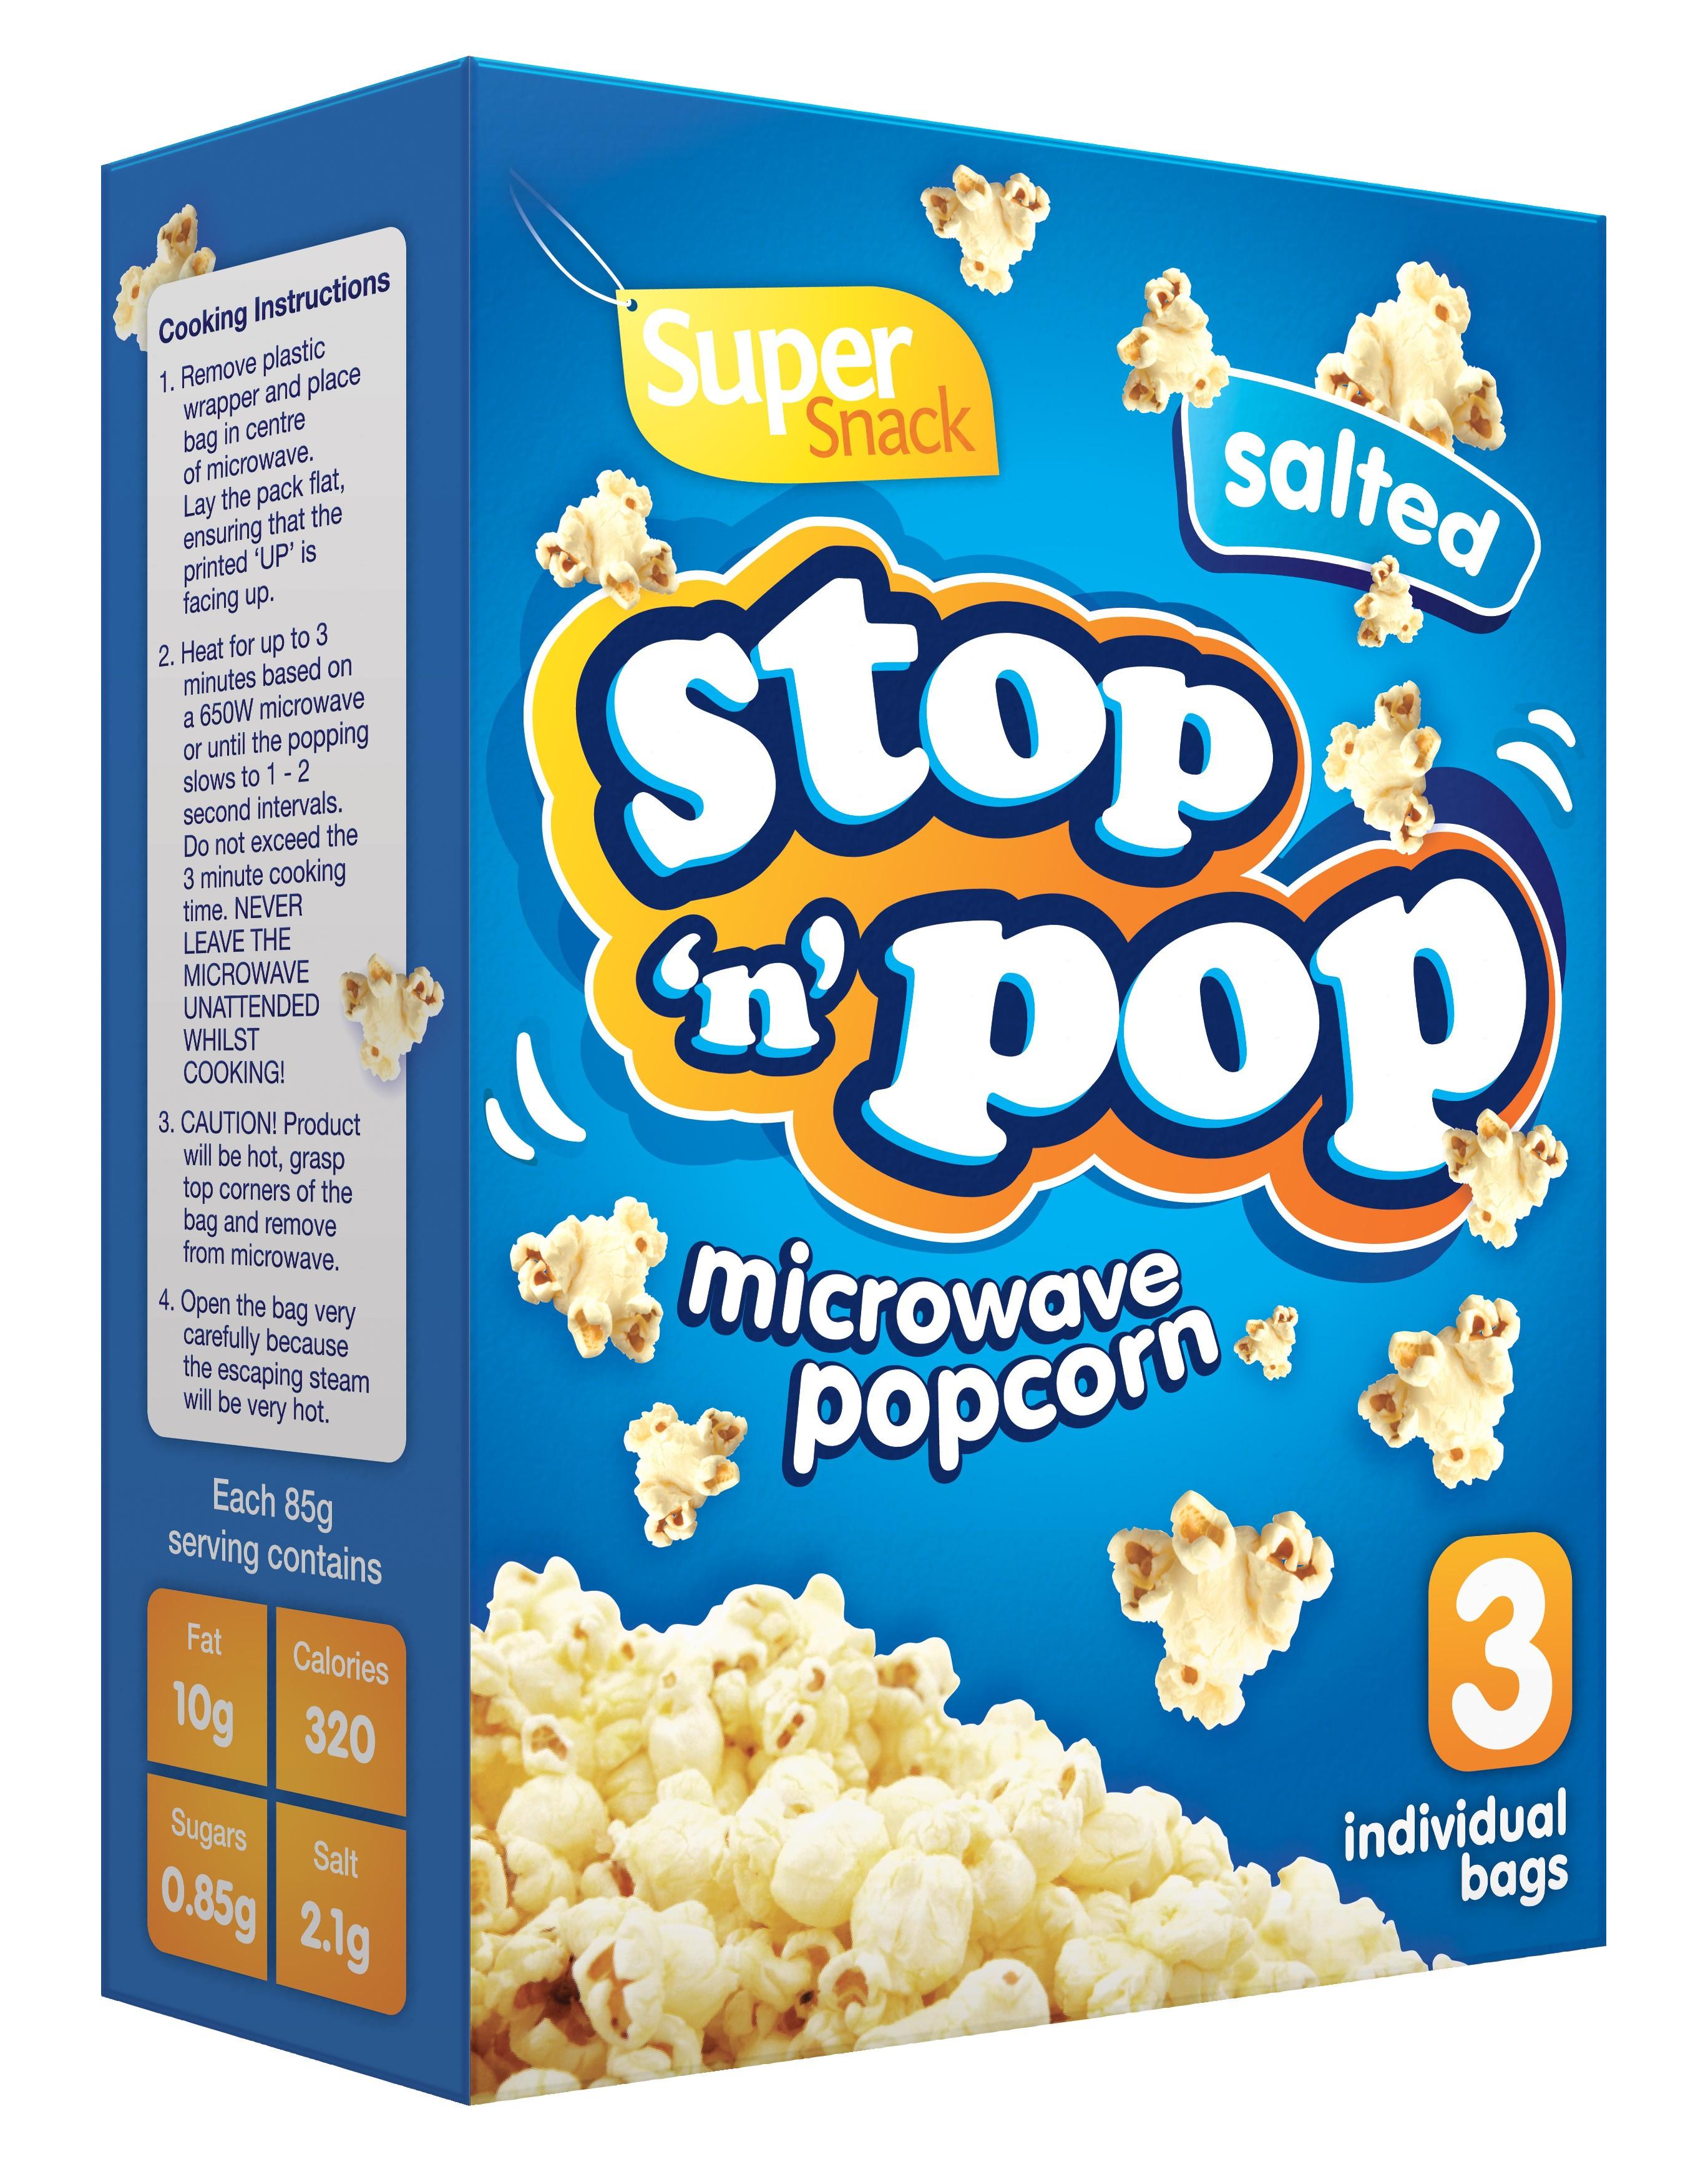 Stop 'n' Pop Microwave Popcorn 340g - Morrisons in-store - 25p